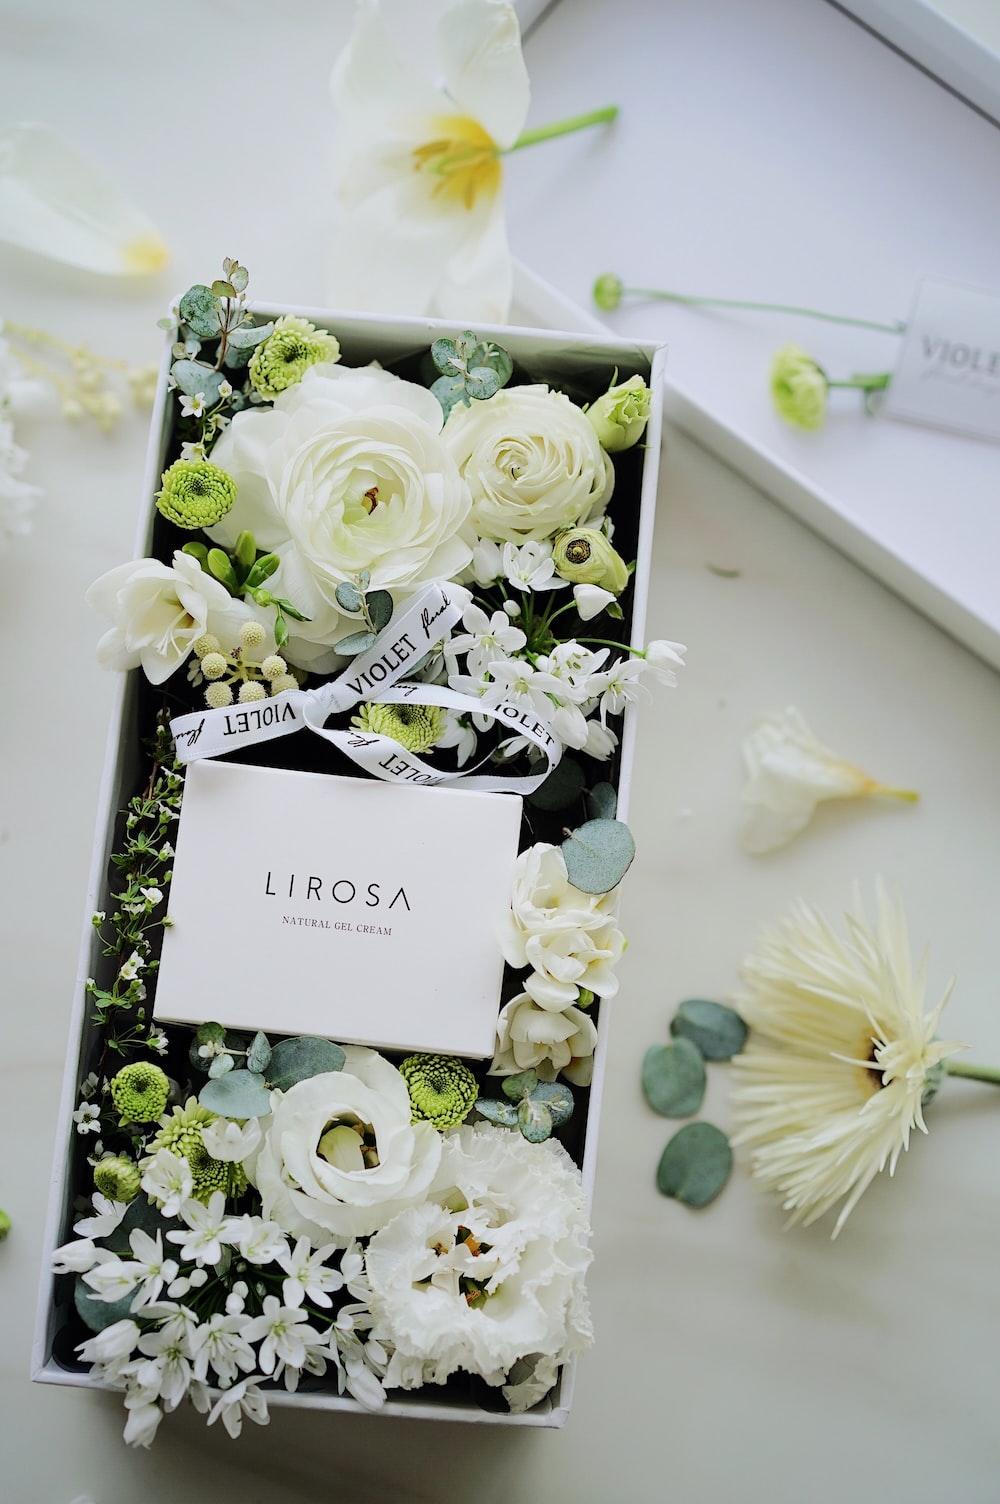 Lirosa flowers in box